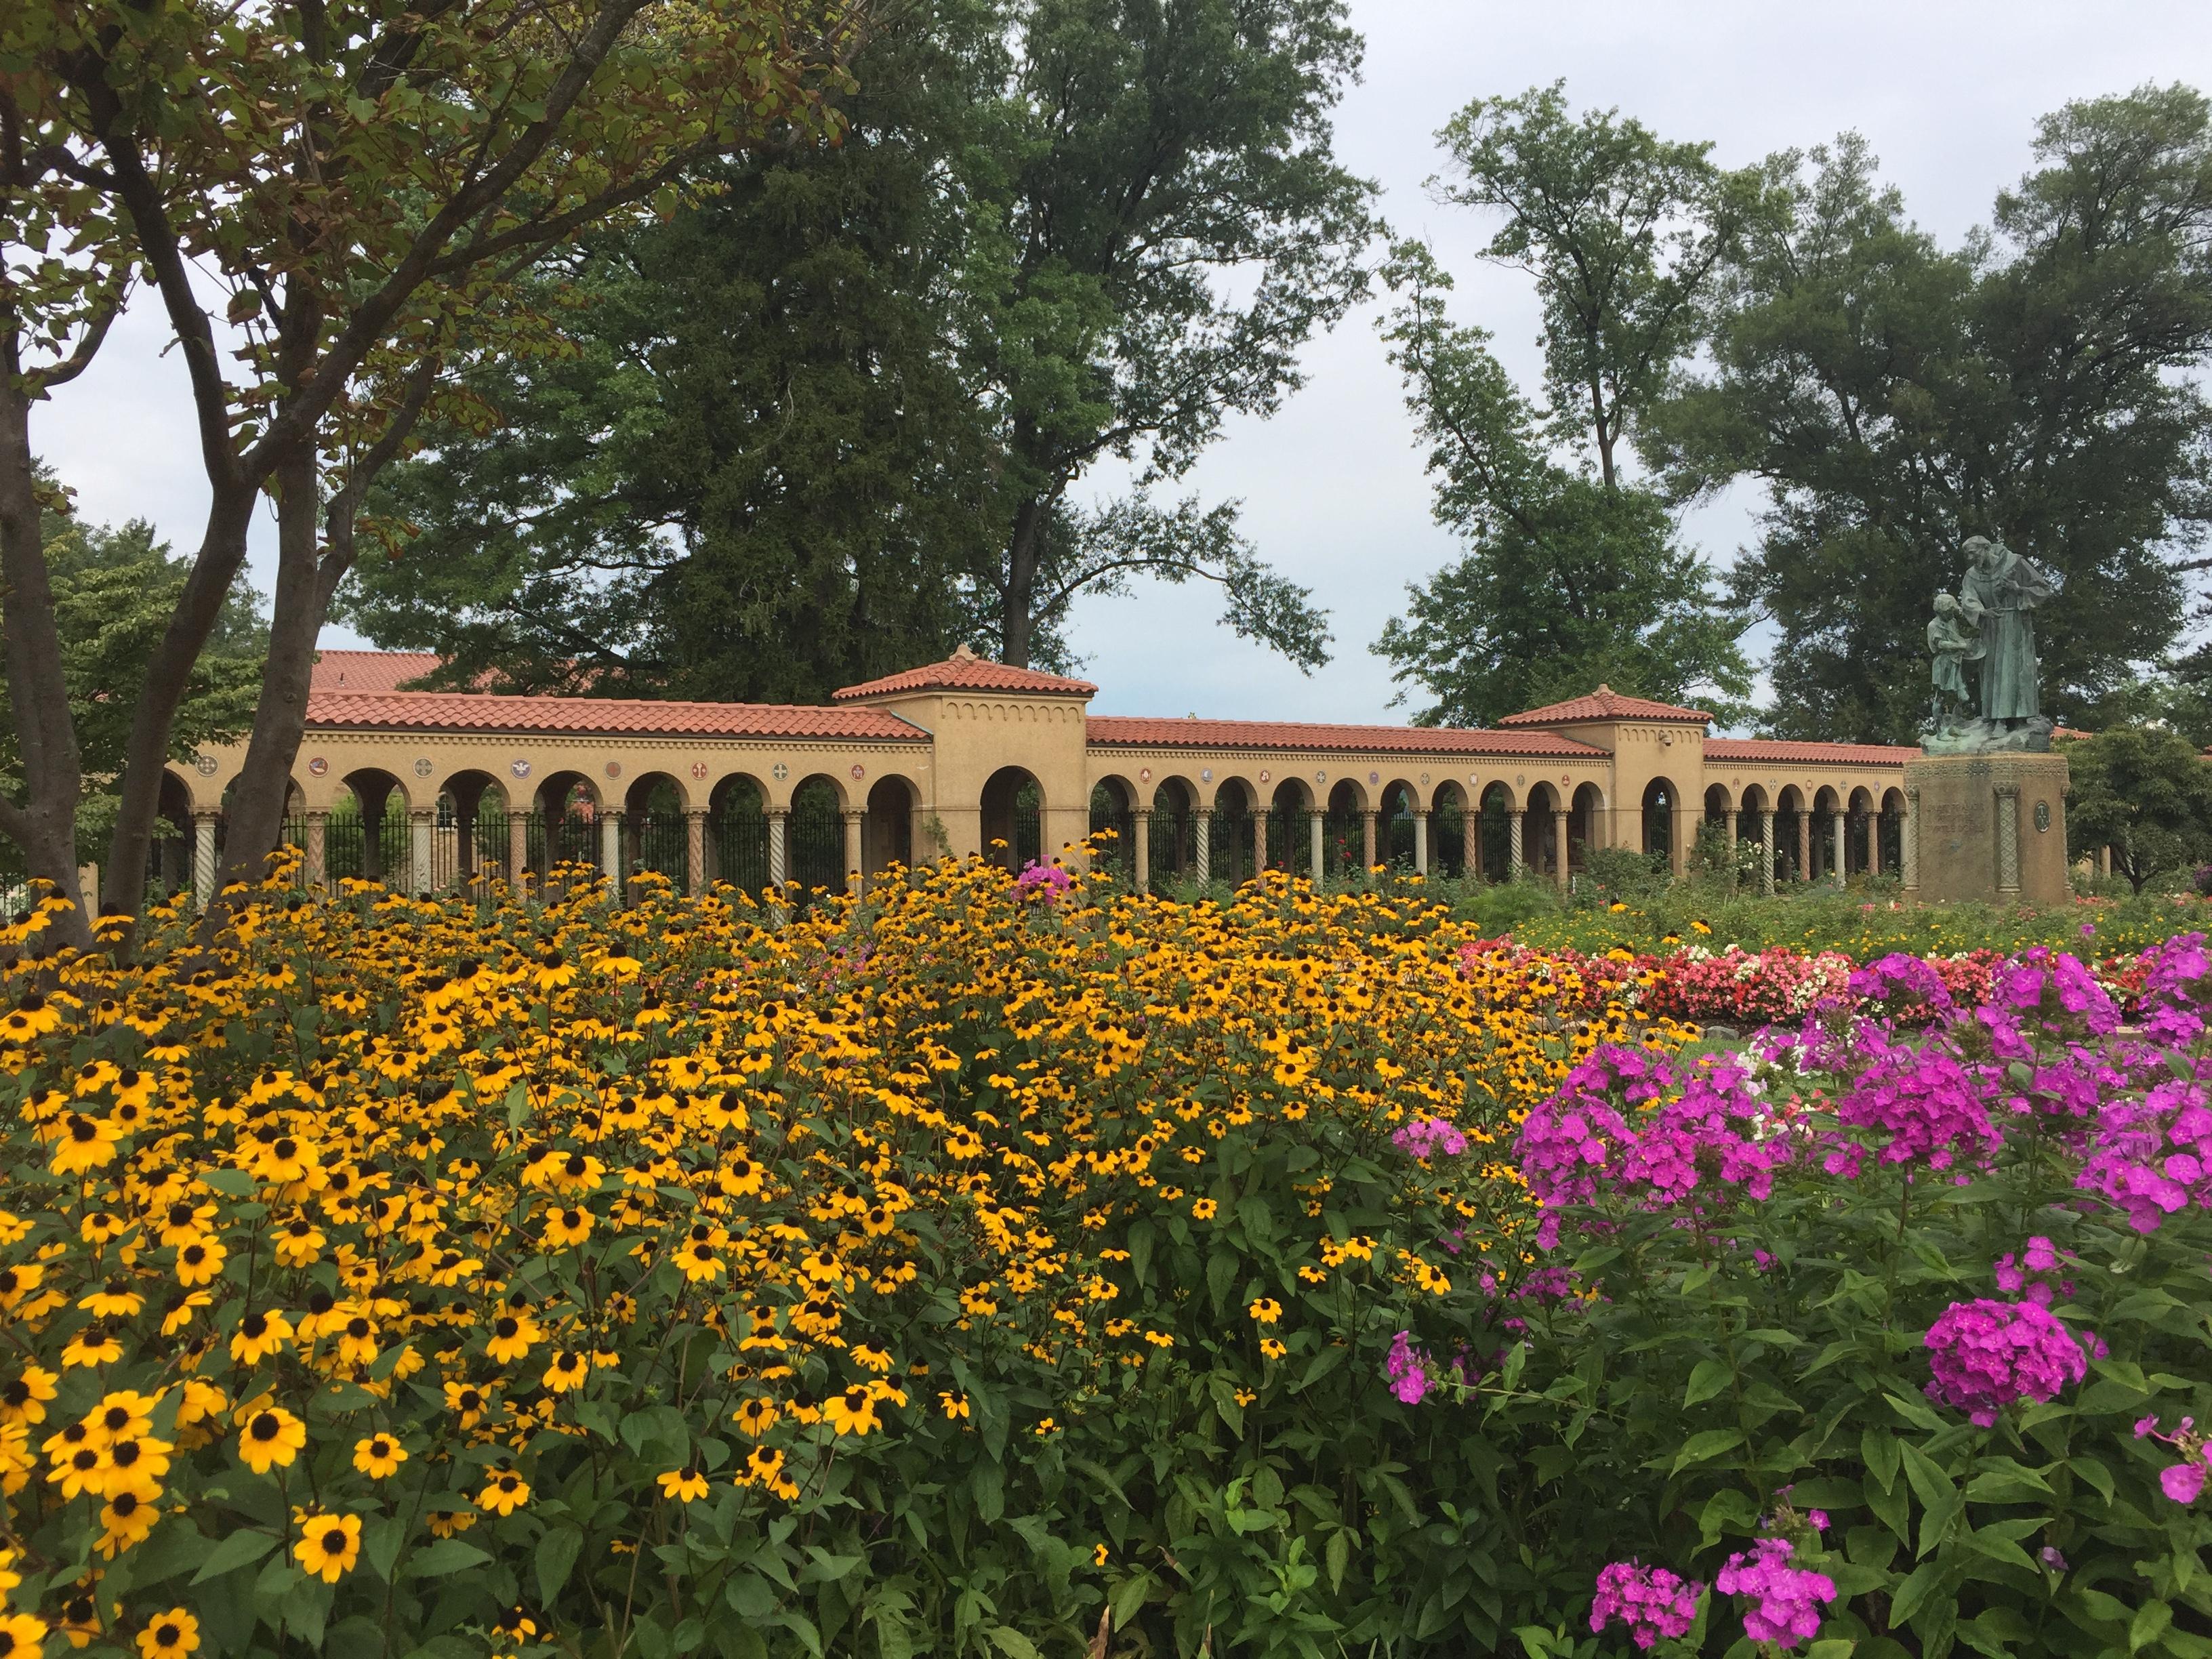 Garden Tours | Franciscan Monastery Garden Guild